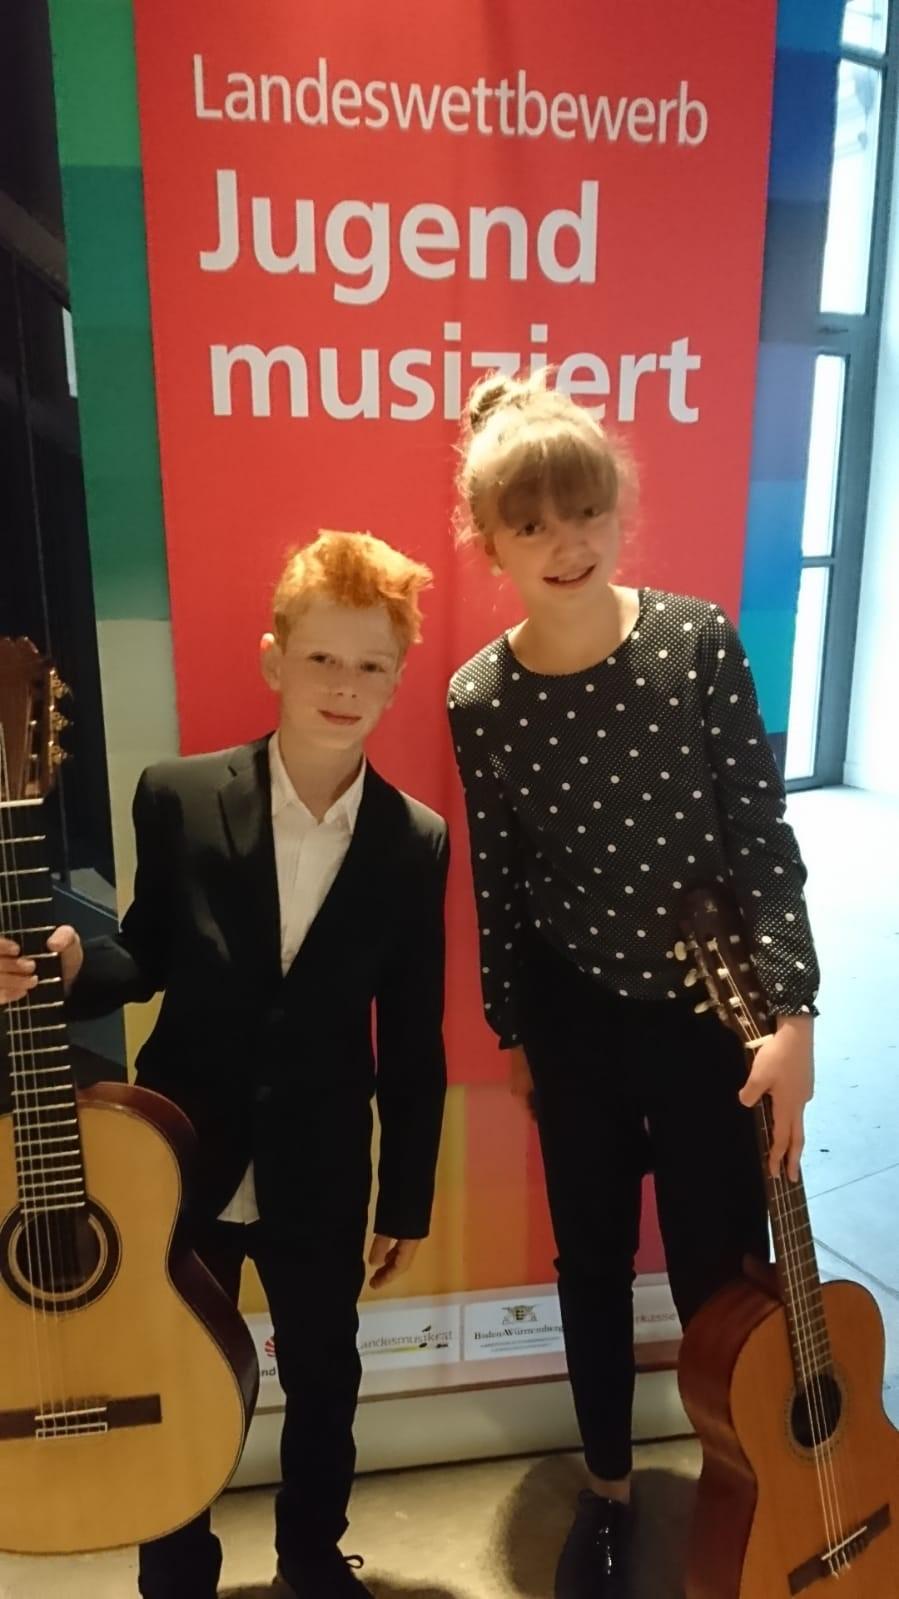 Großer Erfolg für junges Gitarrenduo beim Landeswettbewerb Jugend musiziert